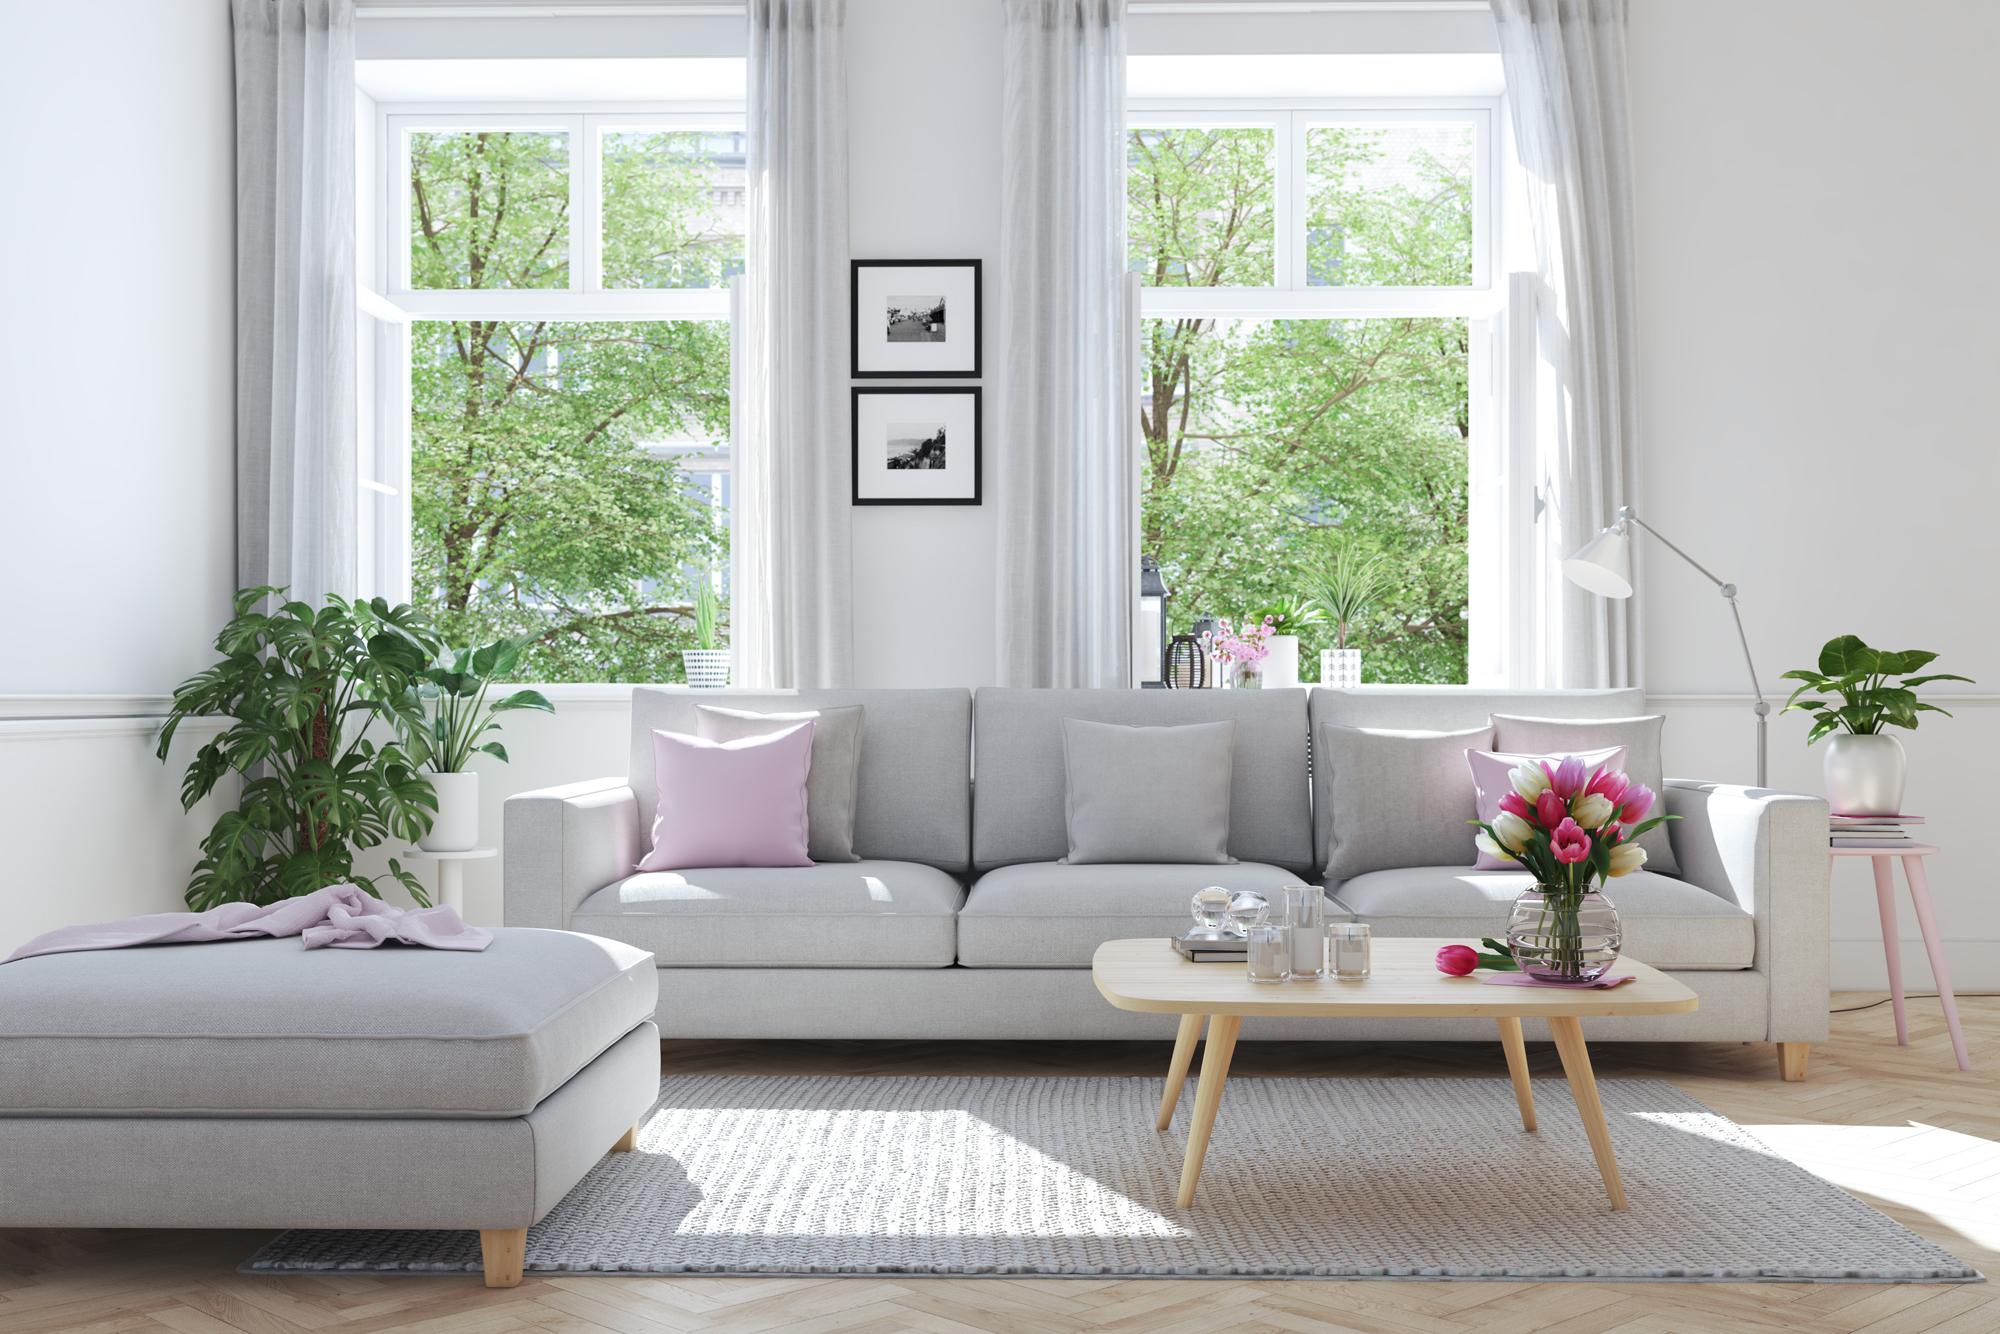 Gewaltig Einrichtungstipps Wohnzimmer Sammlung Von Die Fünf Grössten Einrichtungsfehler Im